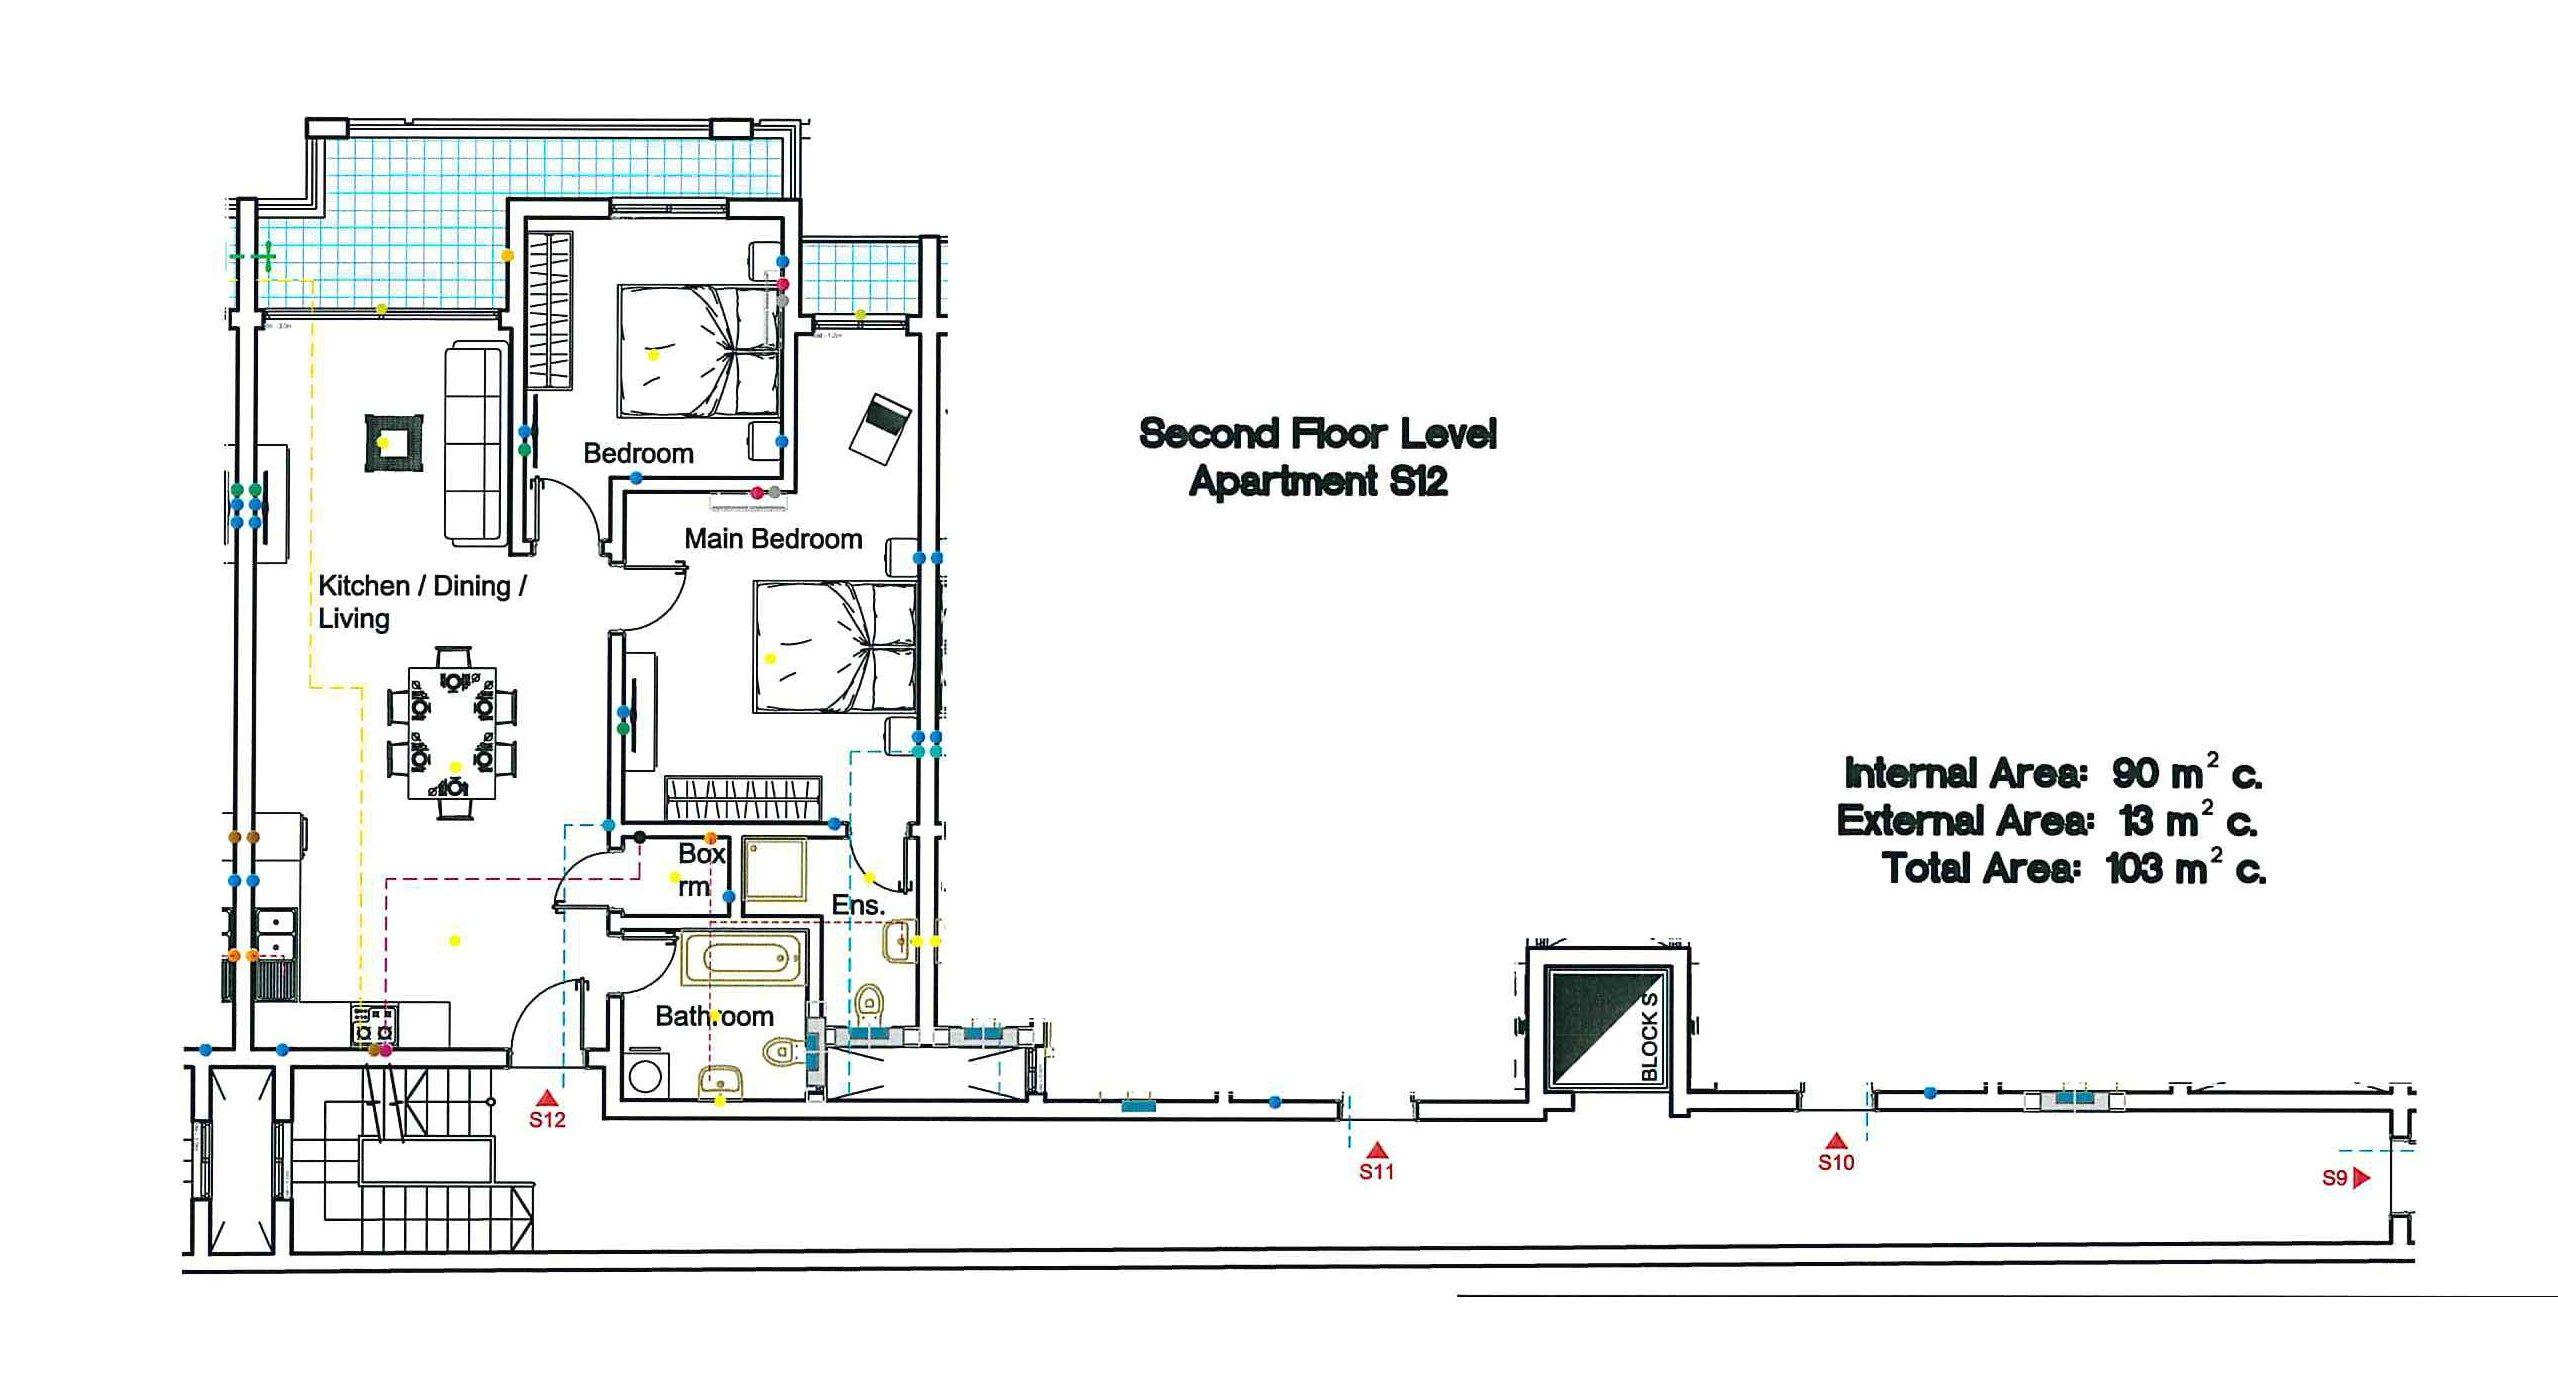 S12 Second Floor